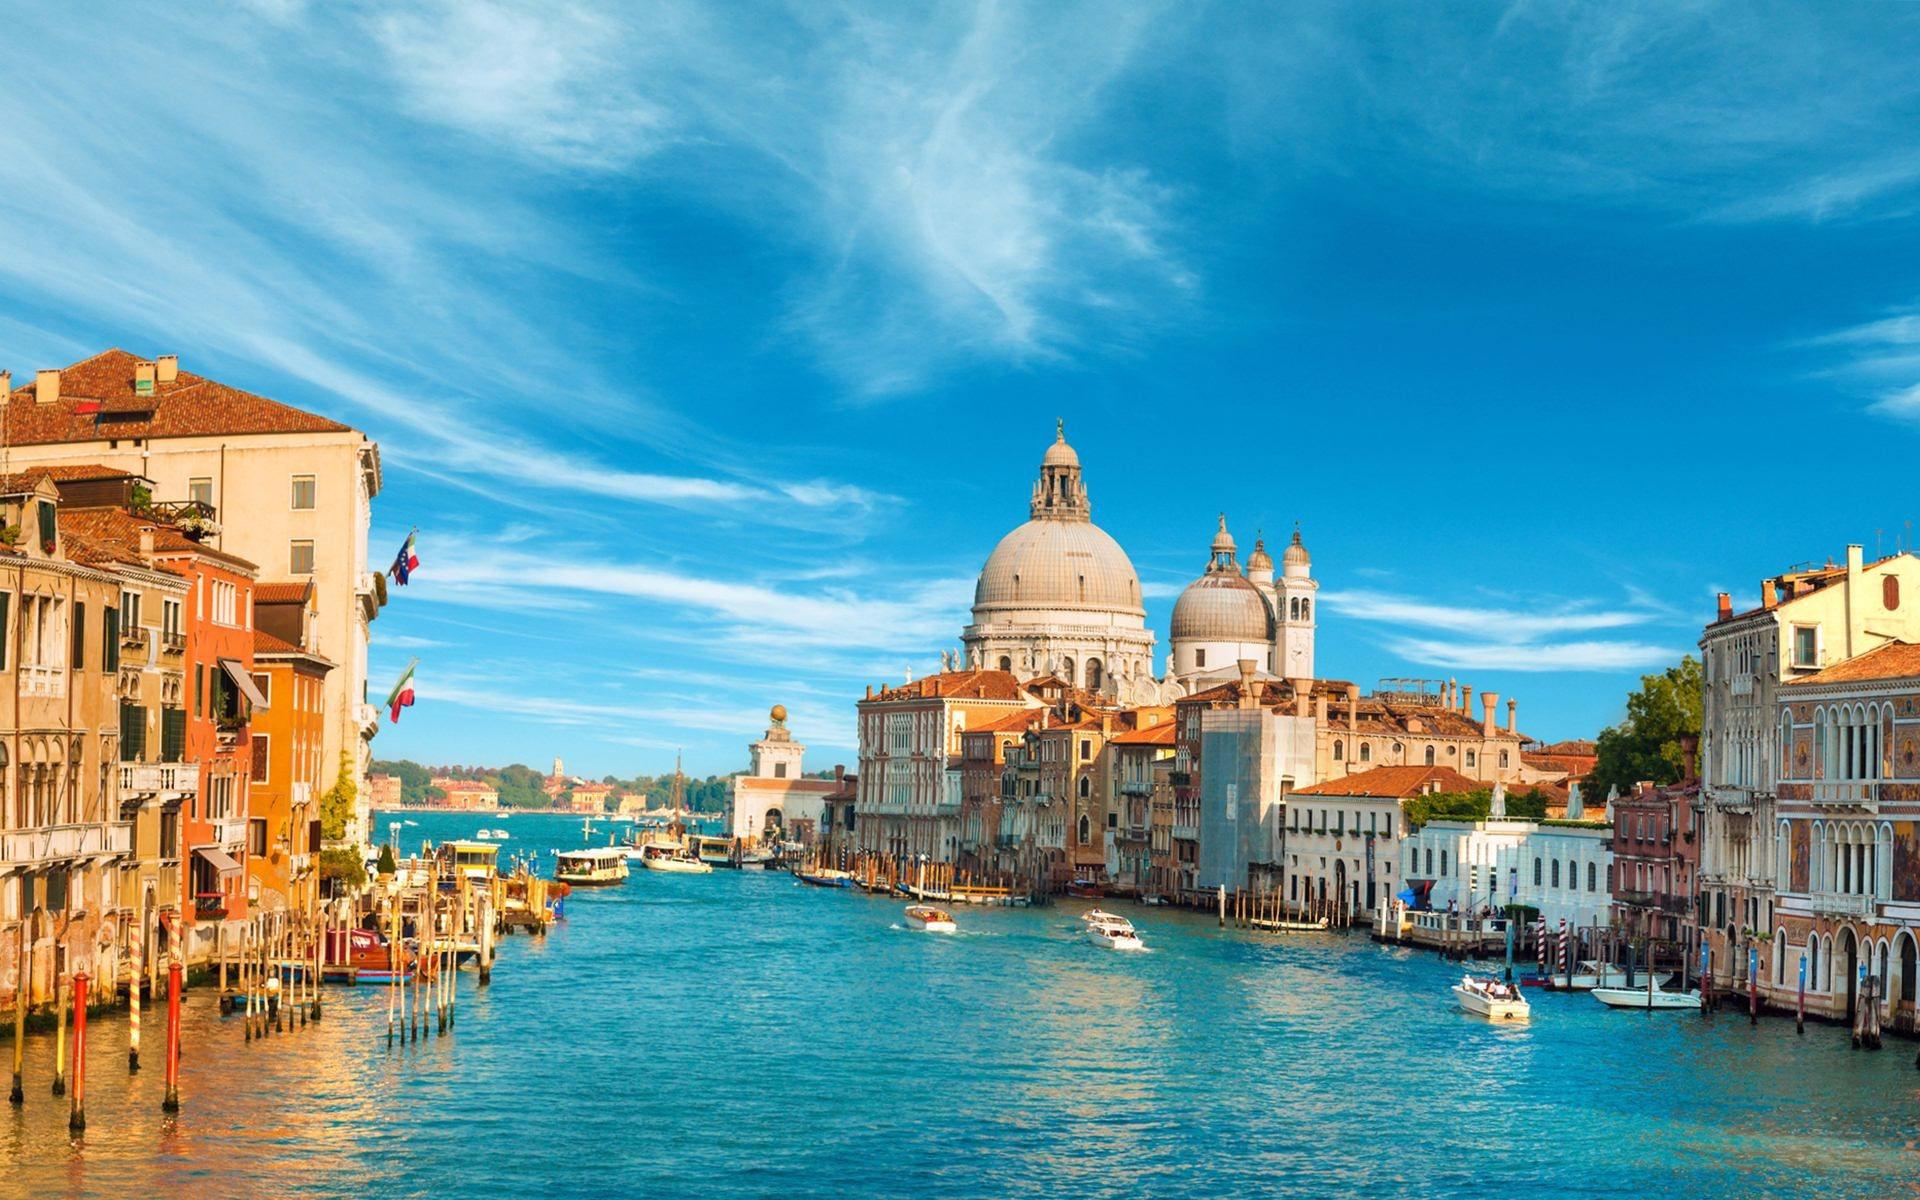 FLASH PROMOSYON ŞEKER BAYRAMI BAŞTANBAŞA MEGA İTALYA Venedik (2)- Verona & Garda Gölü & Sirmione - Cenova(2)  Santa Margarita & Portofino- Floransa(2)- Roma (1) Pegasus Hava Yolları Özel Seferi ile İZMİR Hareket  01 Temmuz 2016 Hareket ... 7 Gece Tour